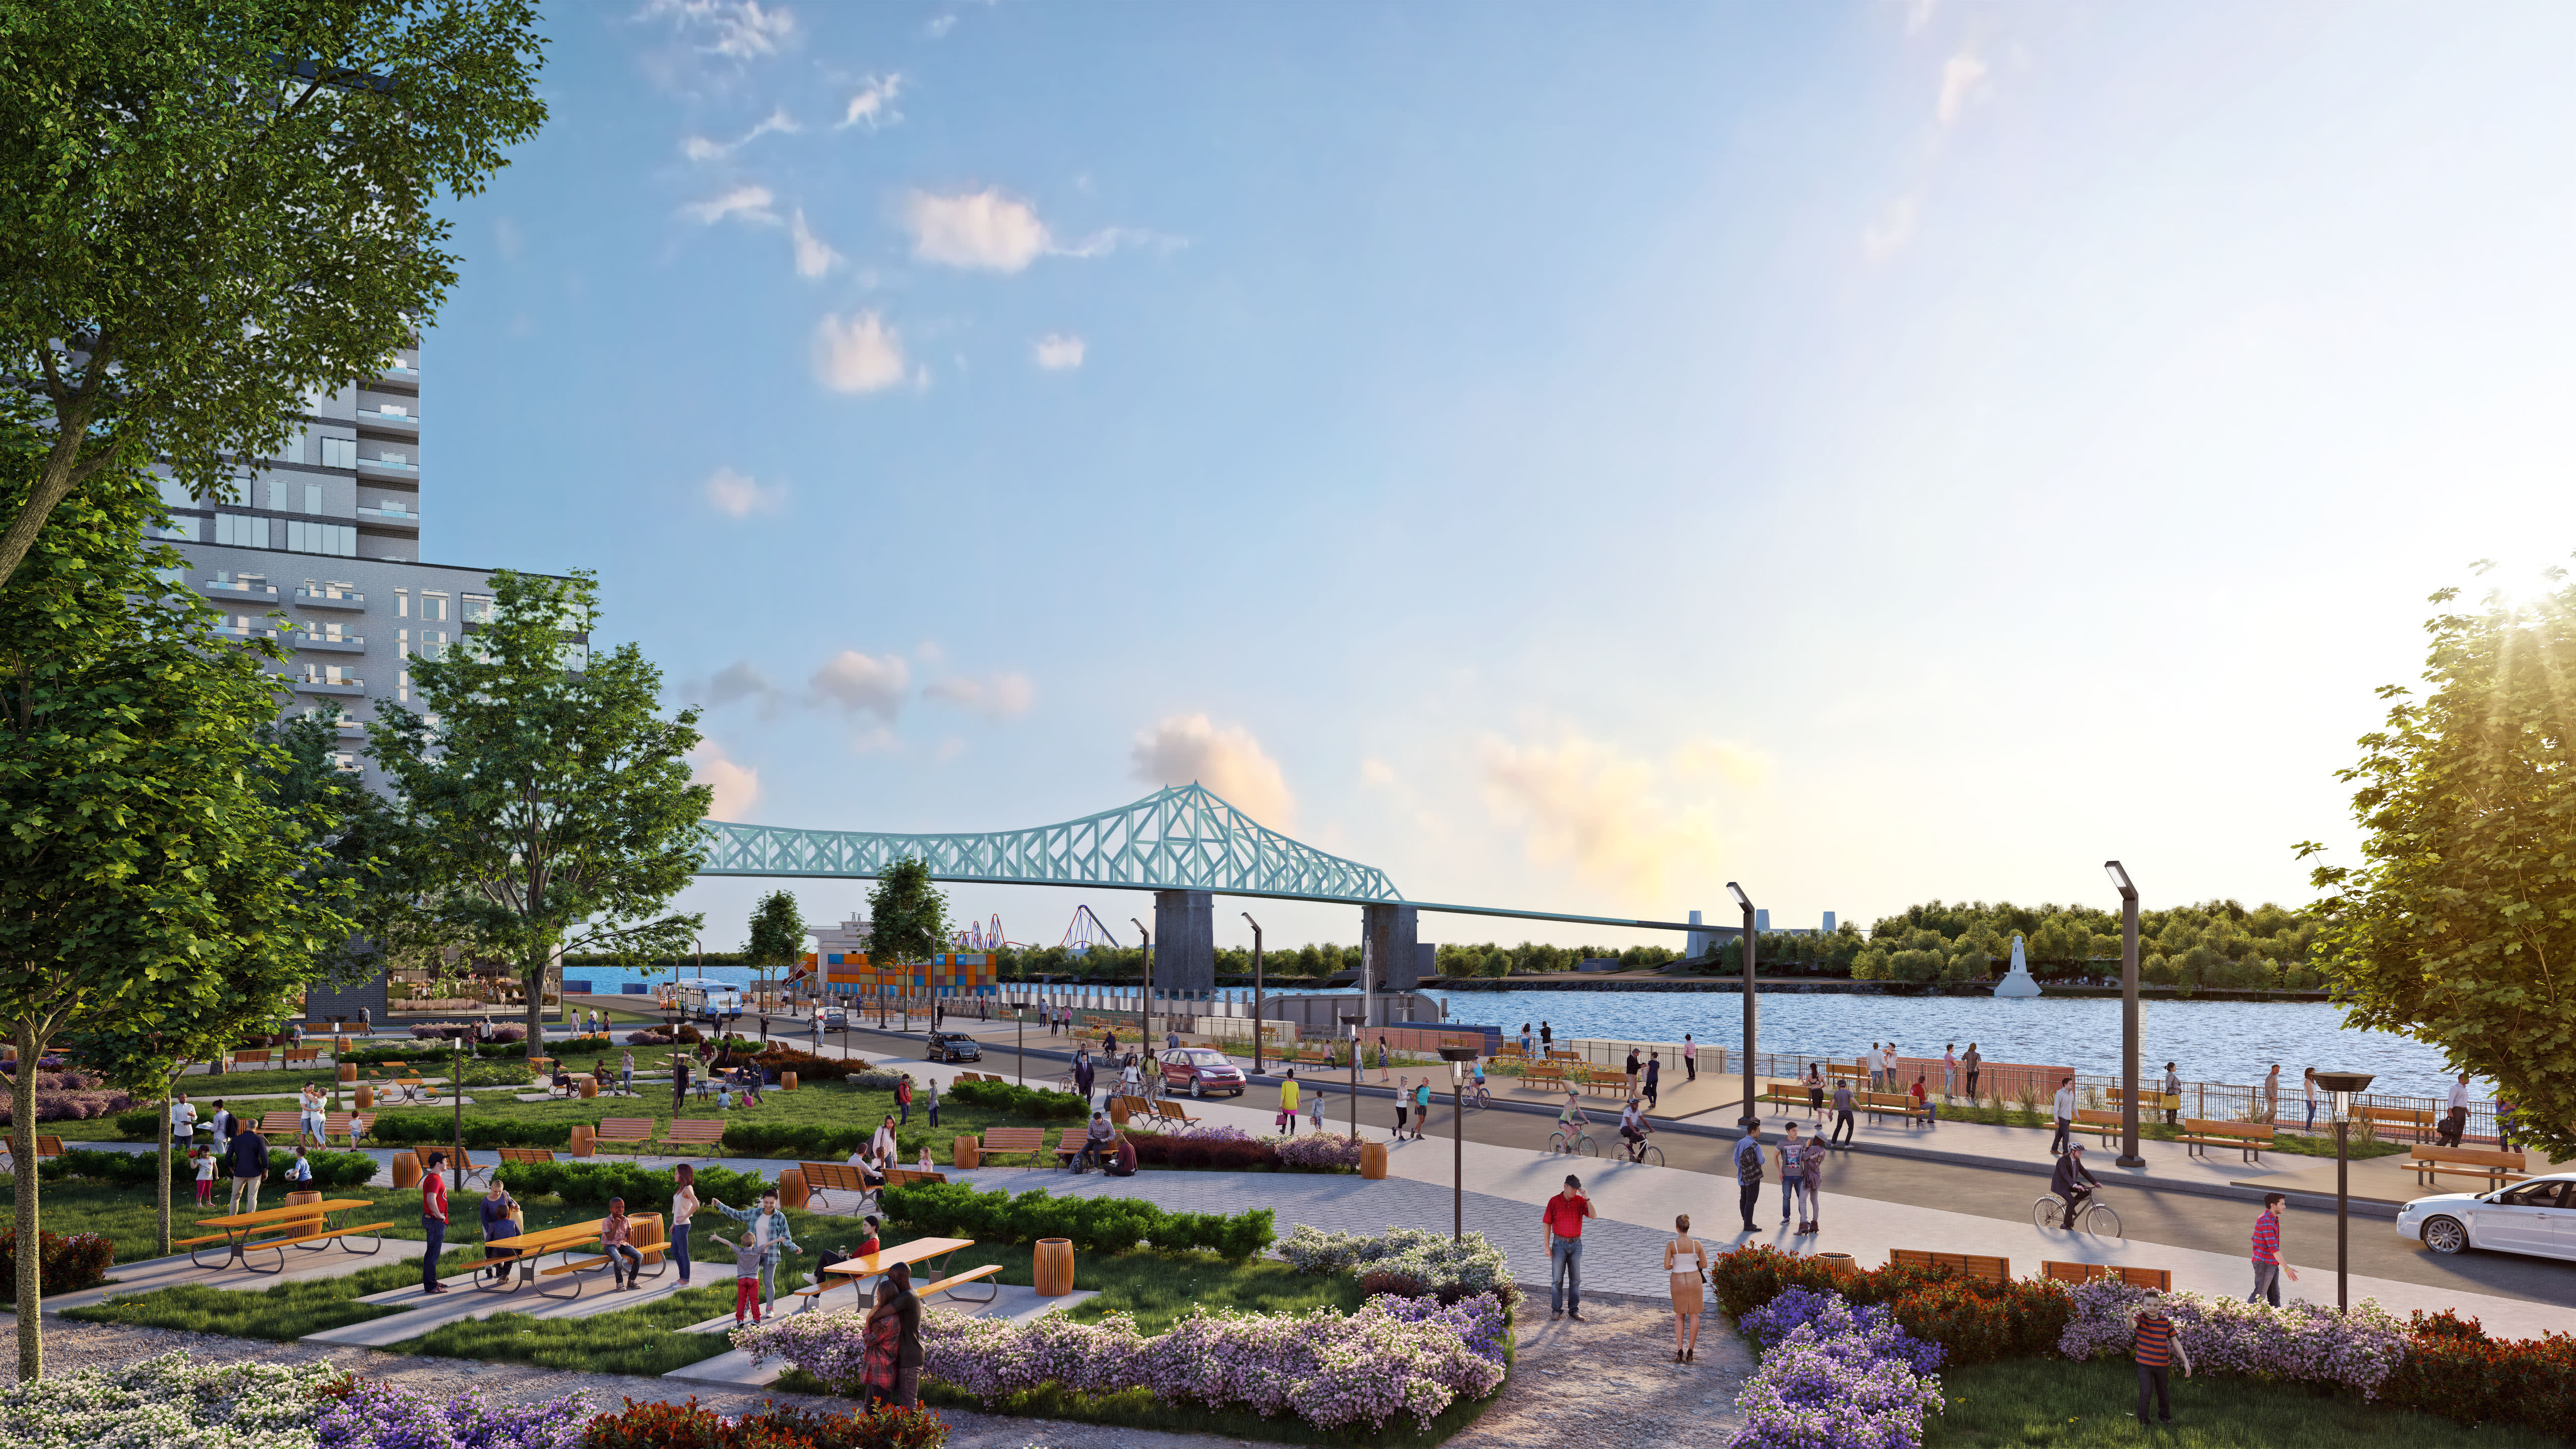 Un grand parc central de 1,2 hectare face au fleuve